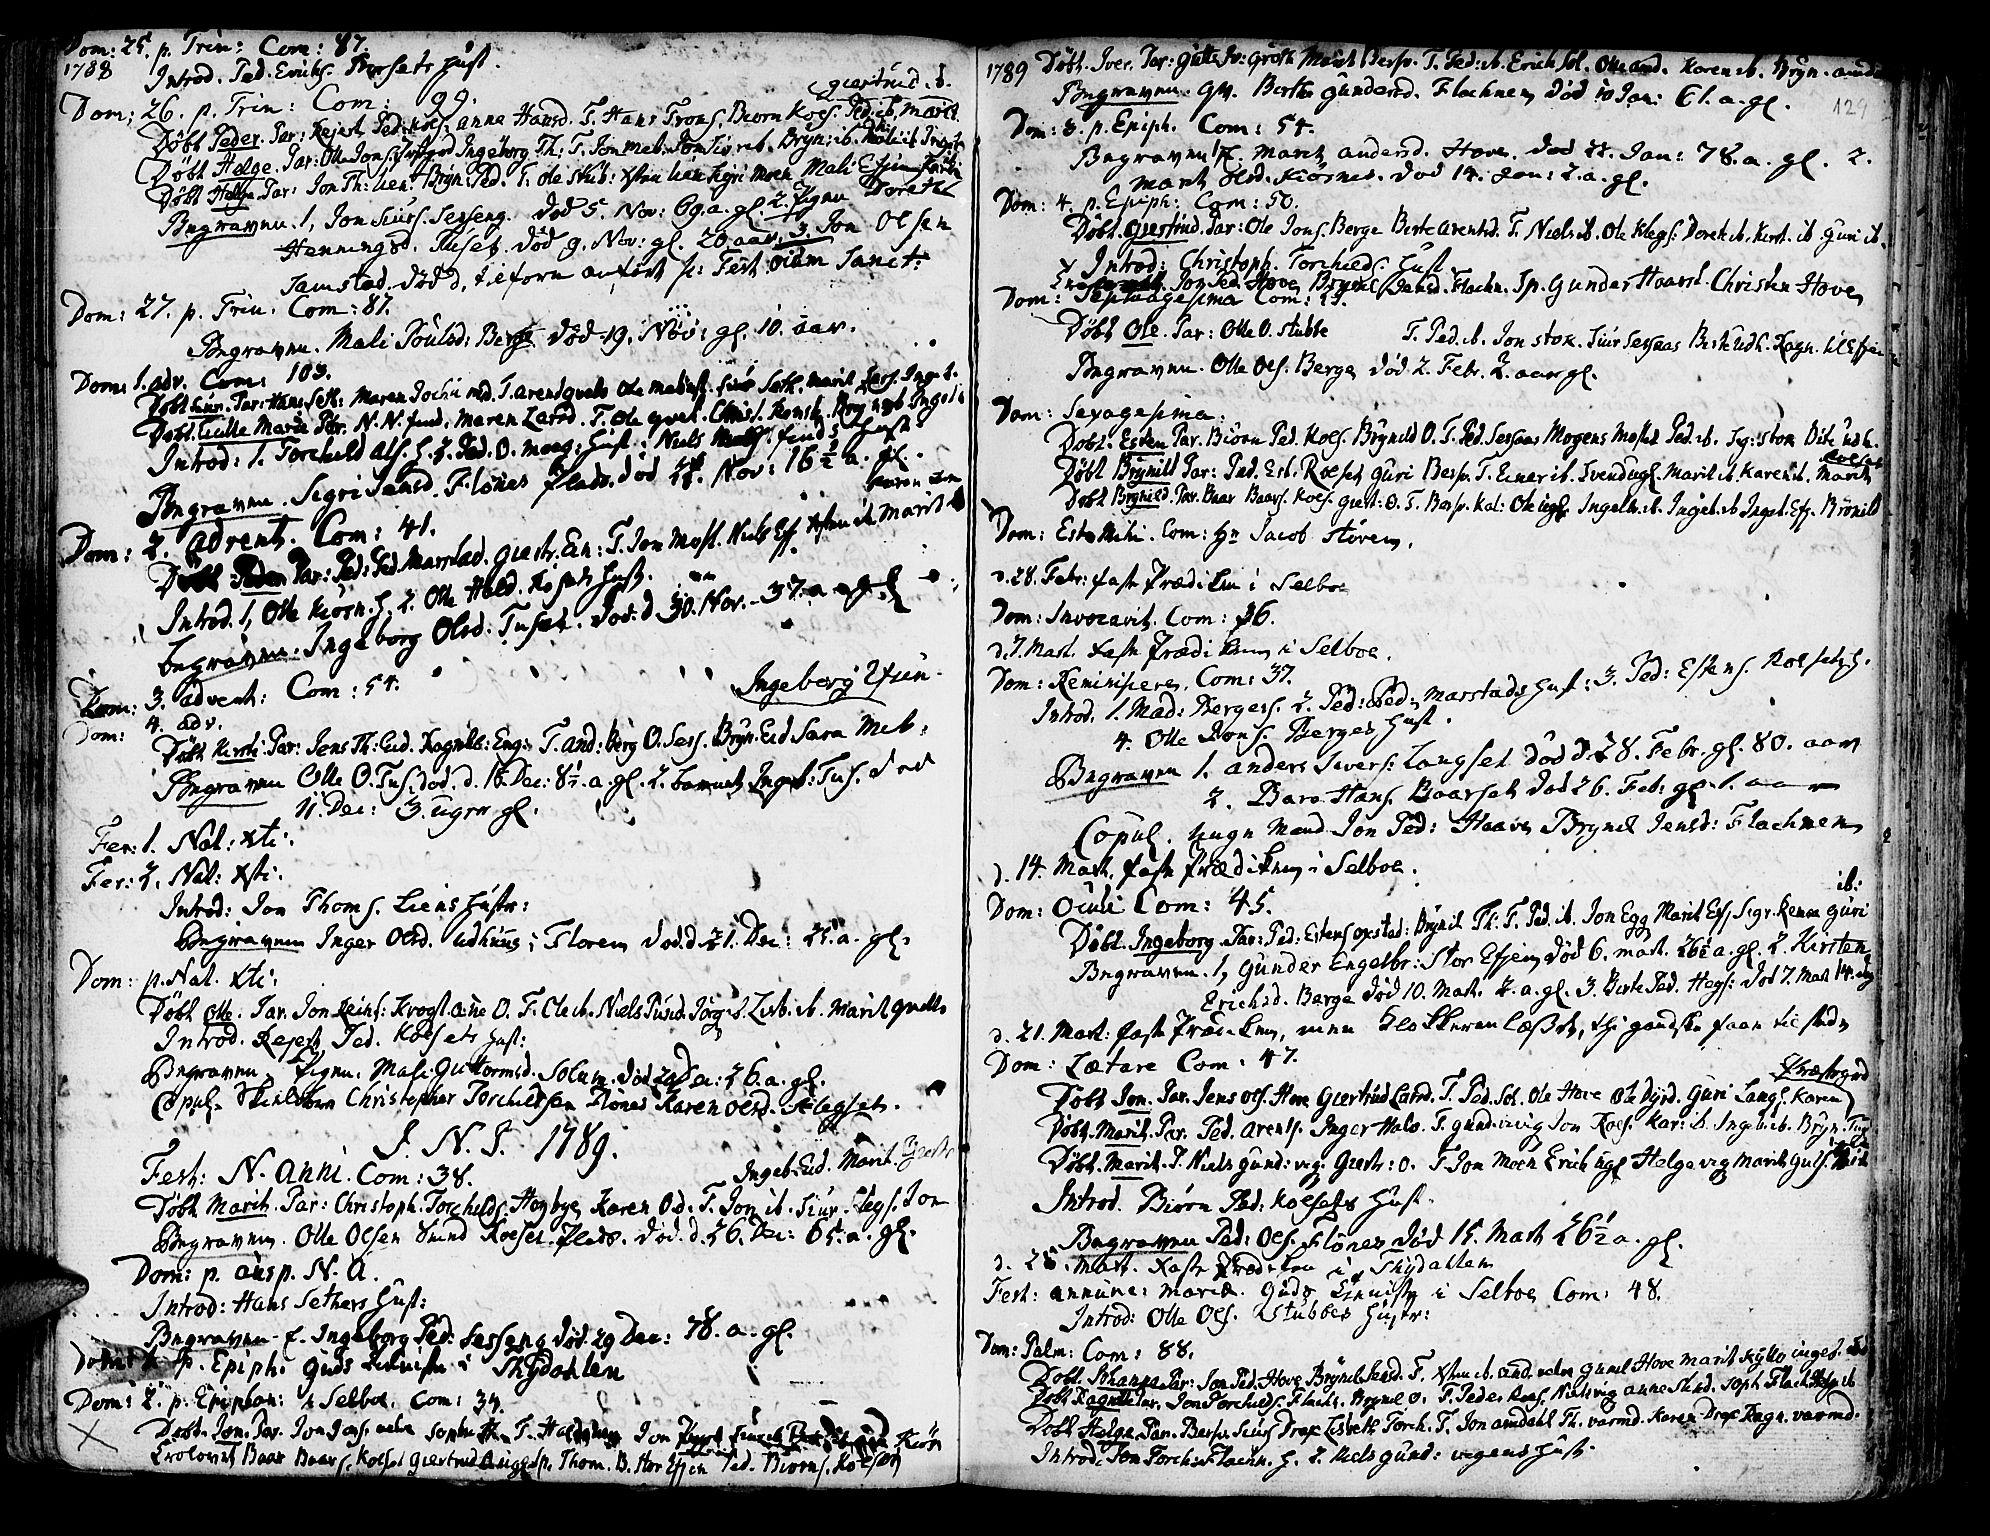 SAT, Ministerialprotokoller, klokkerbøker og fødselsregistre - Sør-Trøndelag, 695/L1138: Ministerialbok nr. 695A02 /1, 1757-1801, s. 129